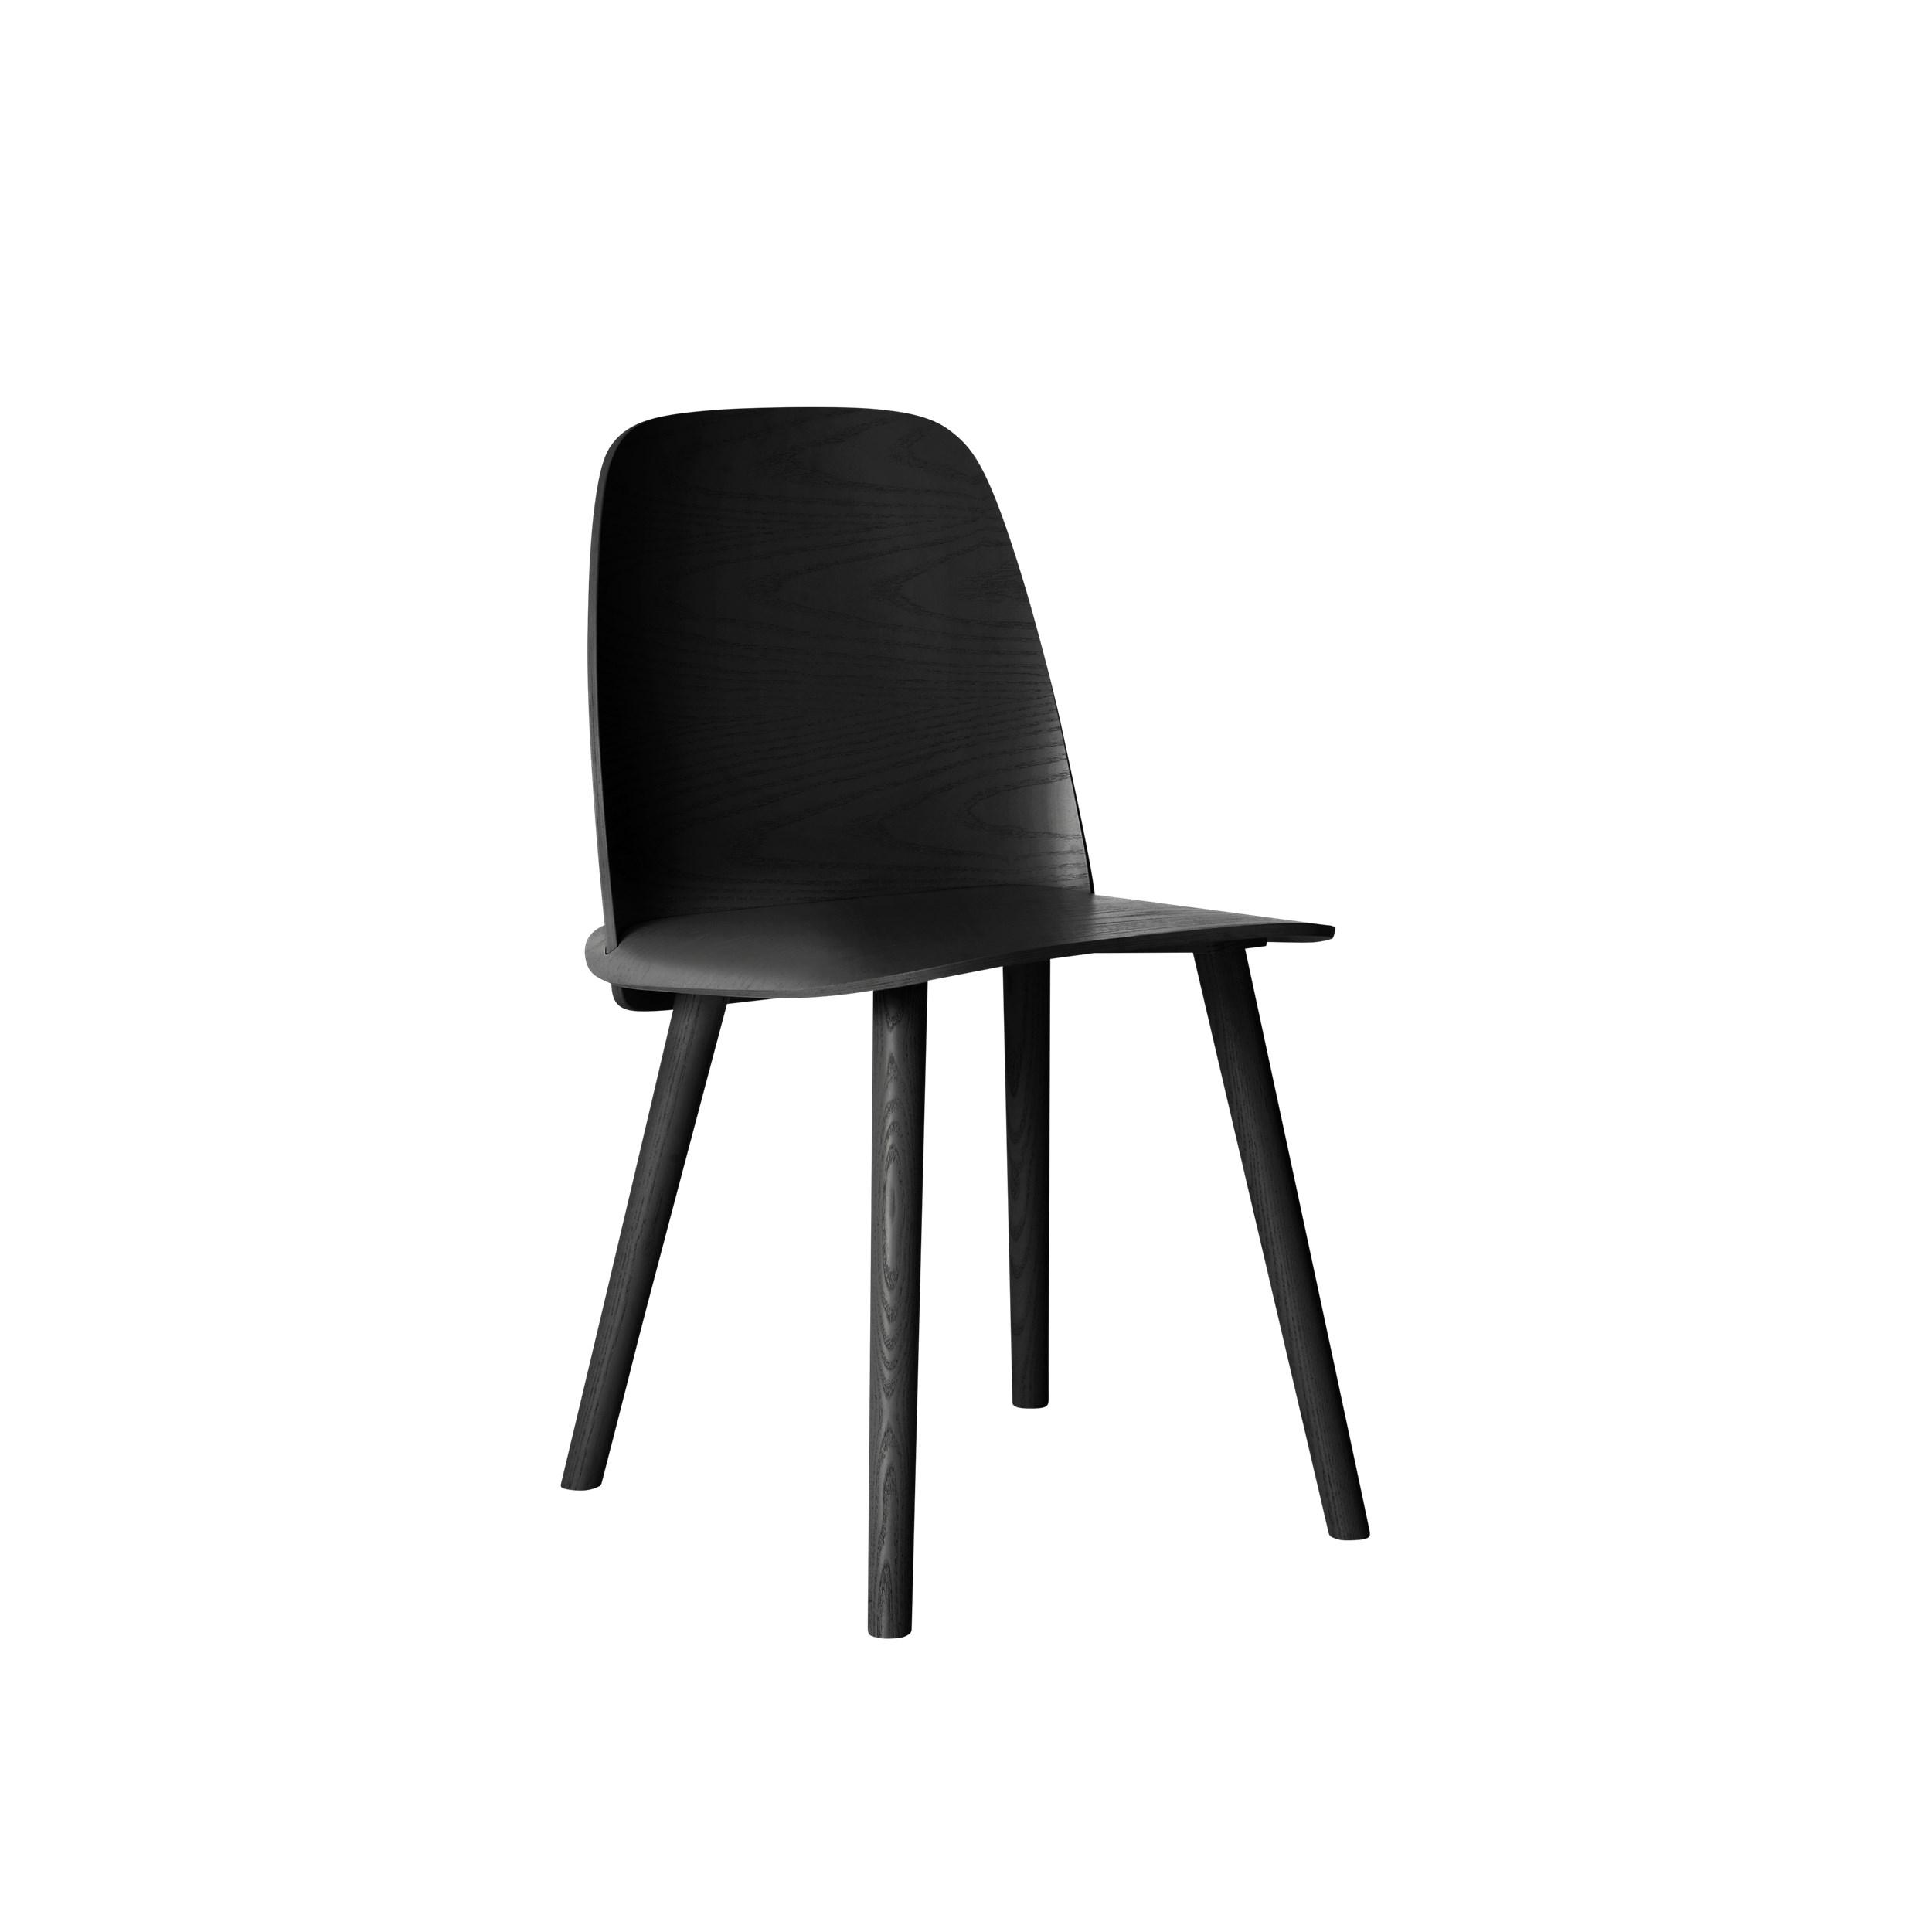 Muuto, Nerd chair, Black